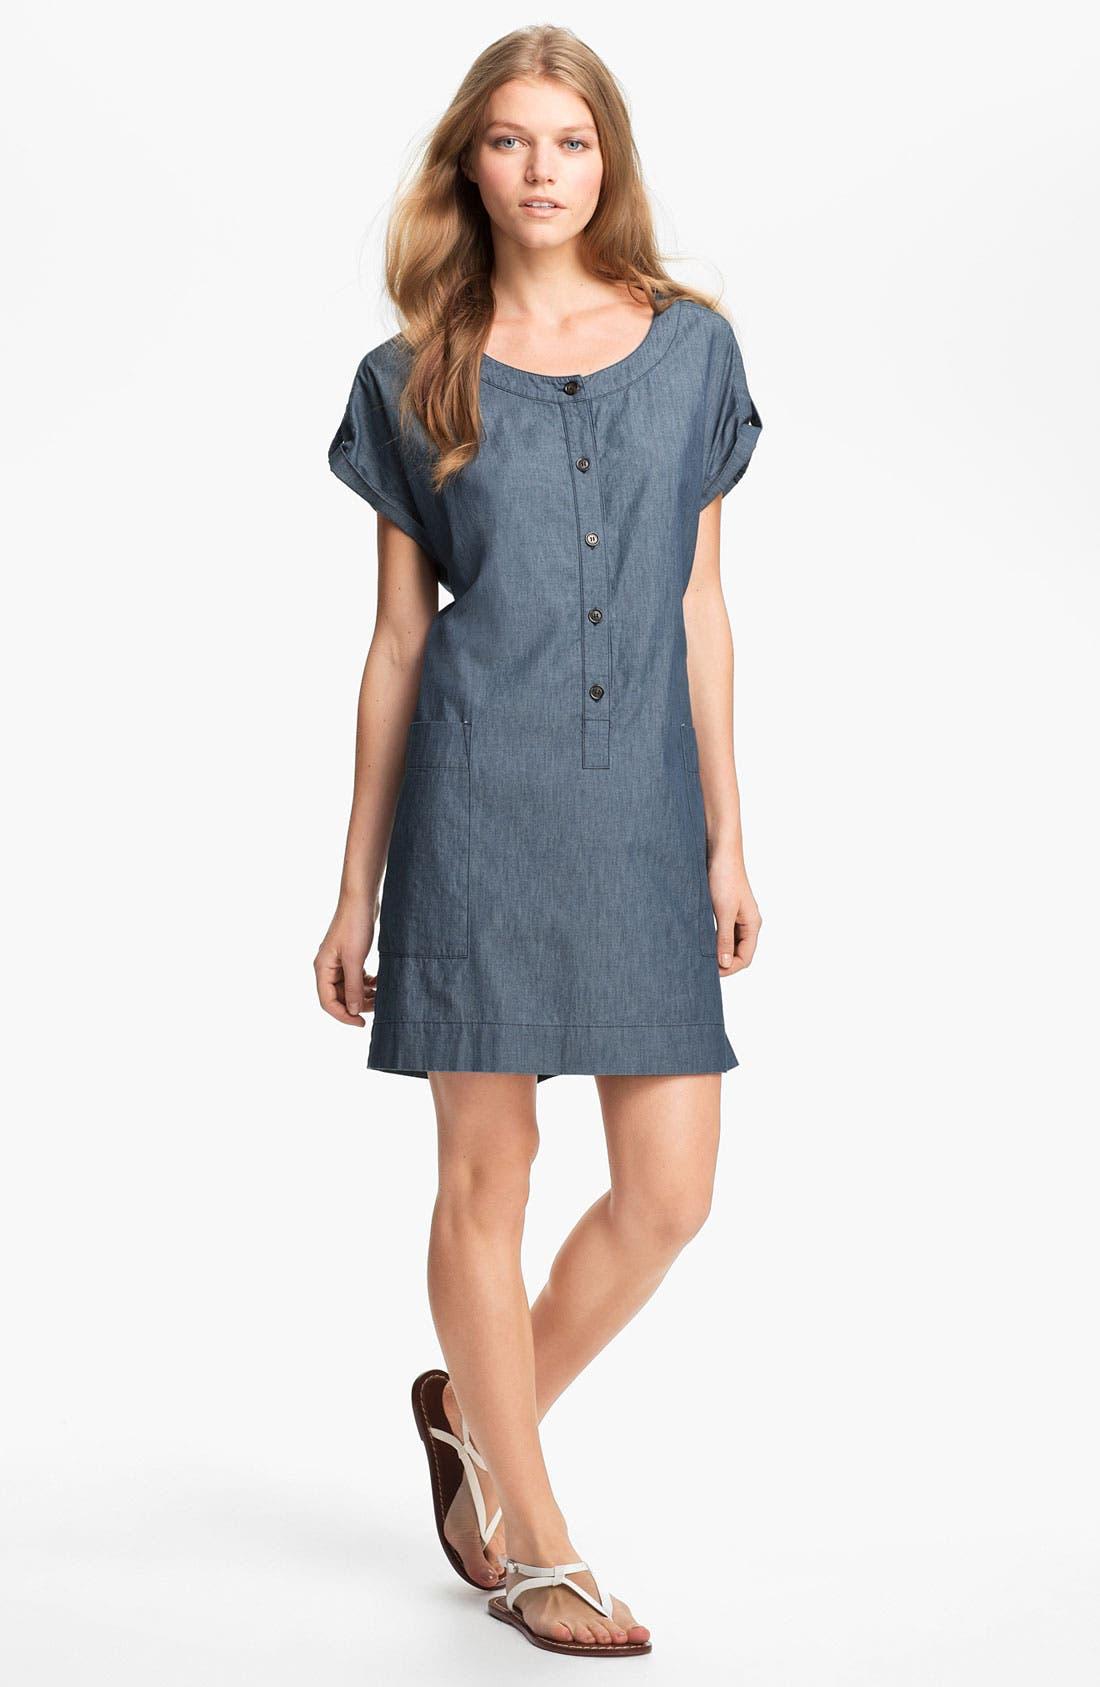 Alternate Image 1 Selected - Weekend Max Mara 'Kelly' Dress